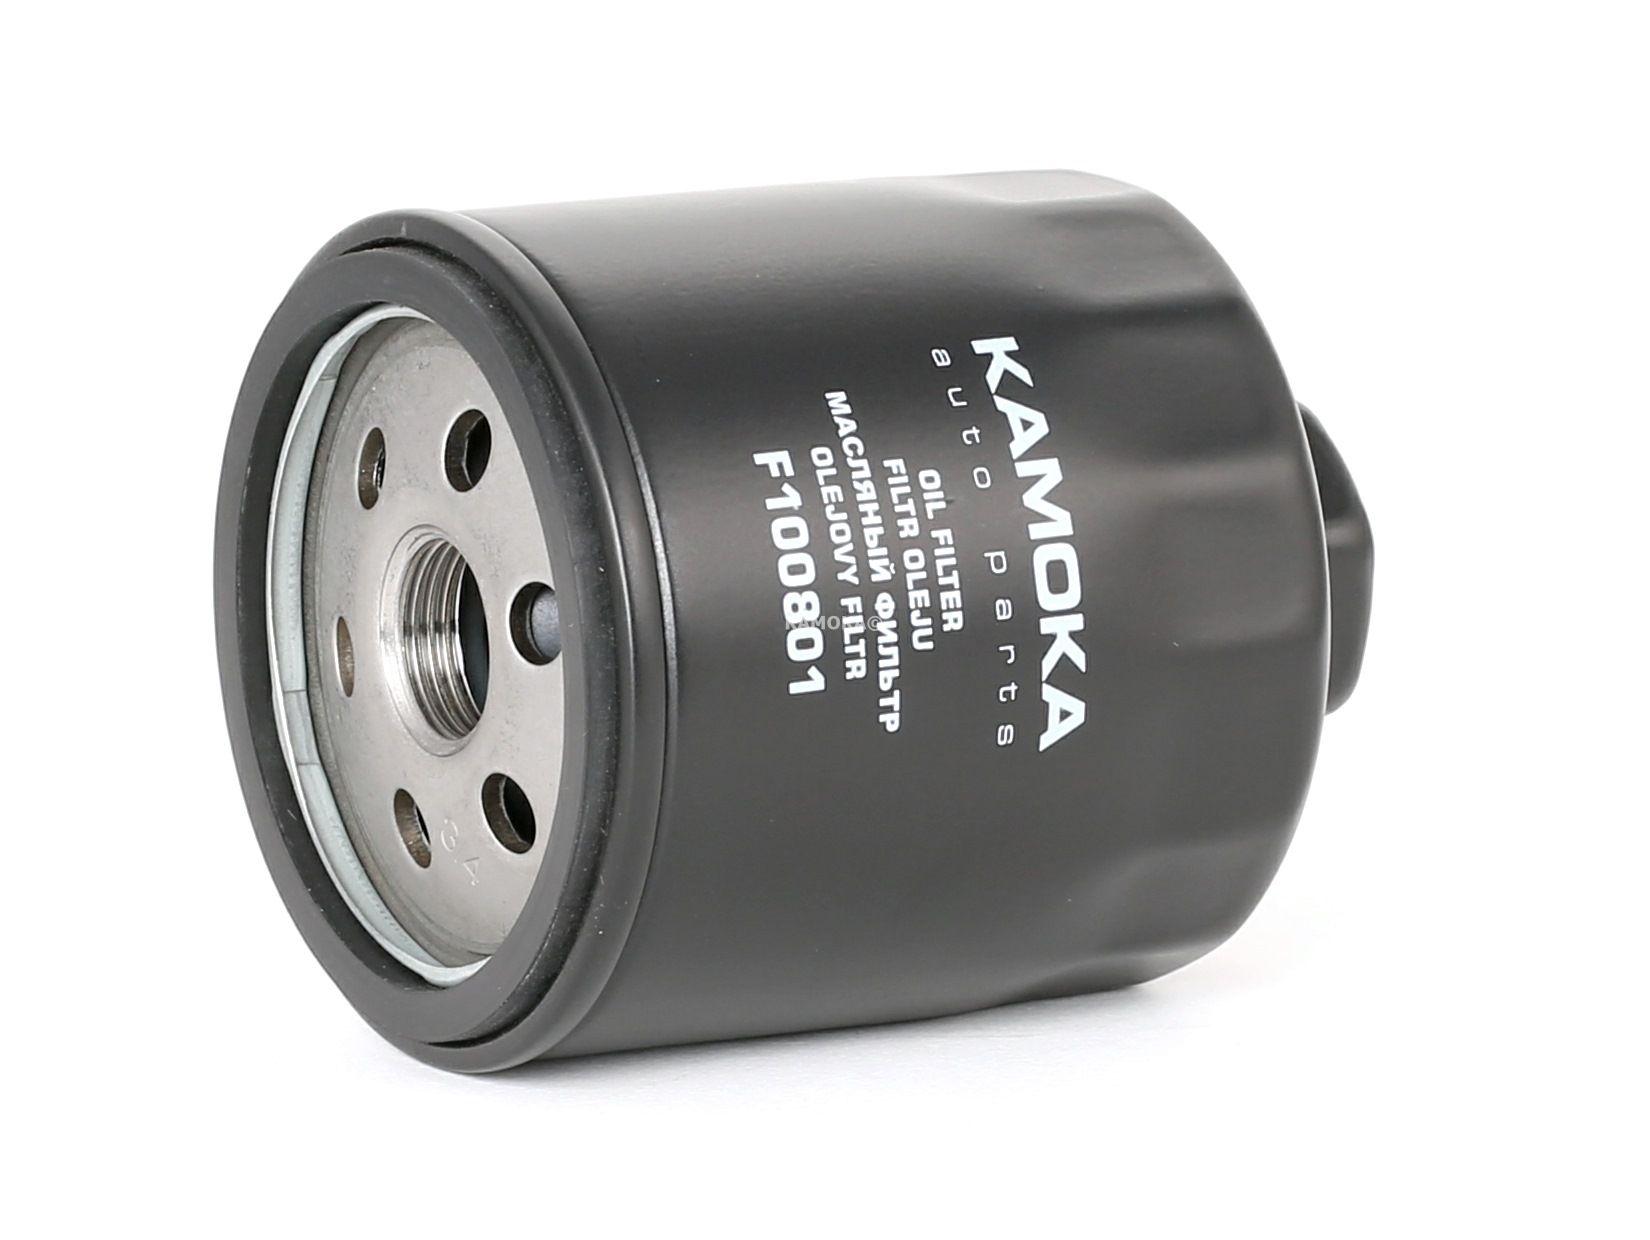 Achetez Filtre à huile KAMOKA F100801 (Ø: 74mm, Hauteur: 94mm) à un rapport qualité-prix exceptionnel